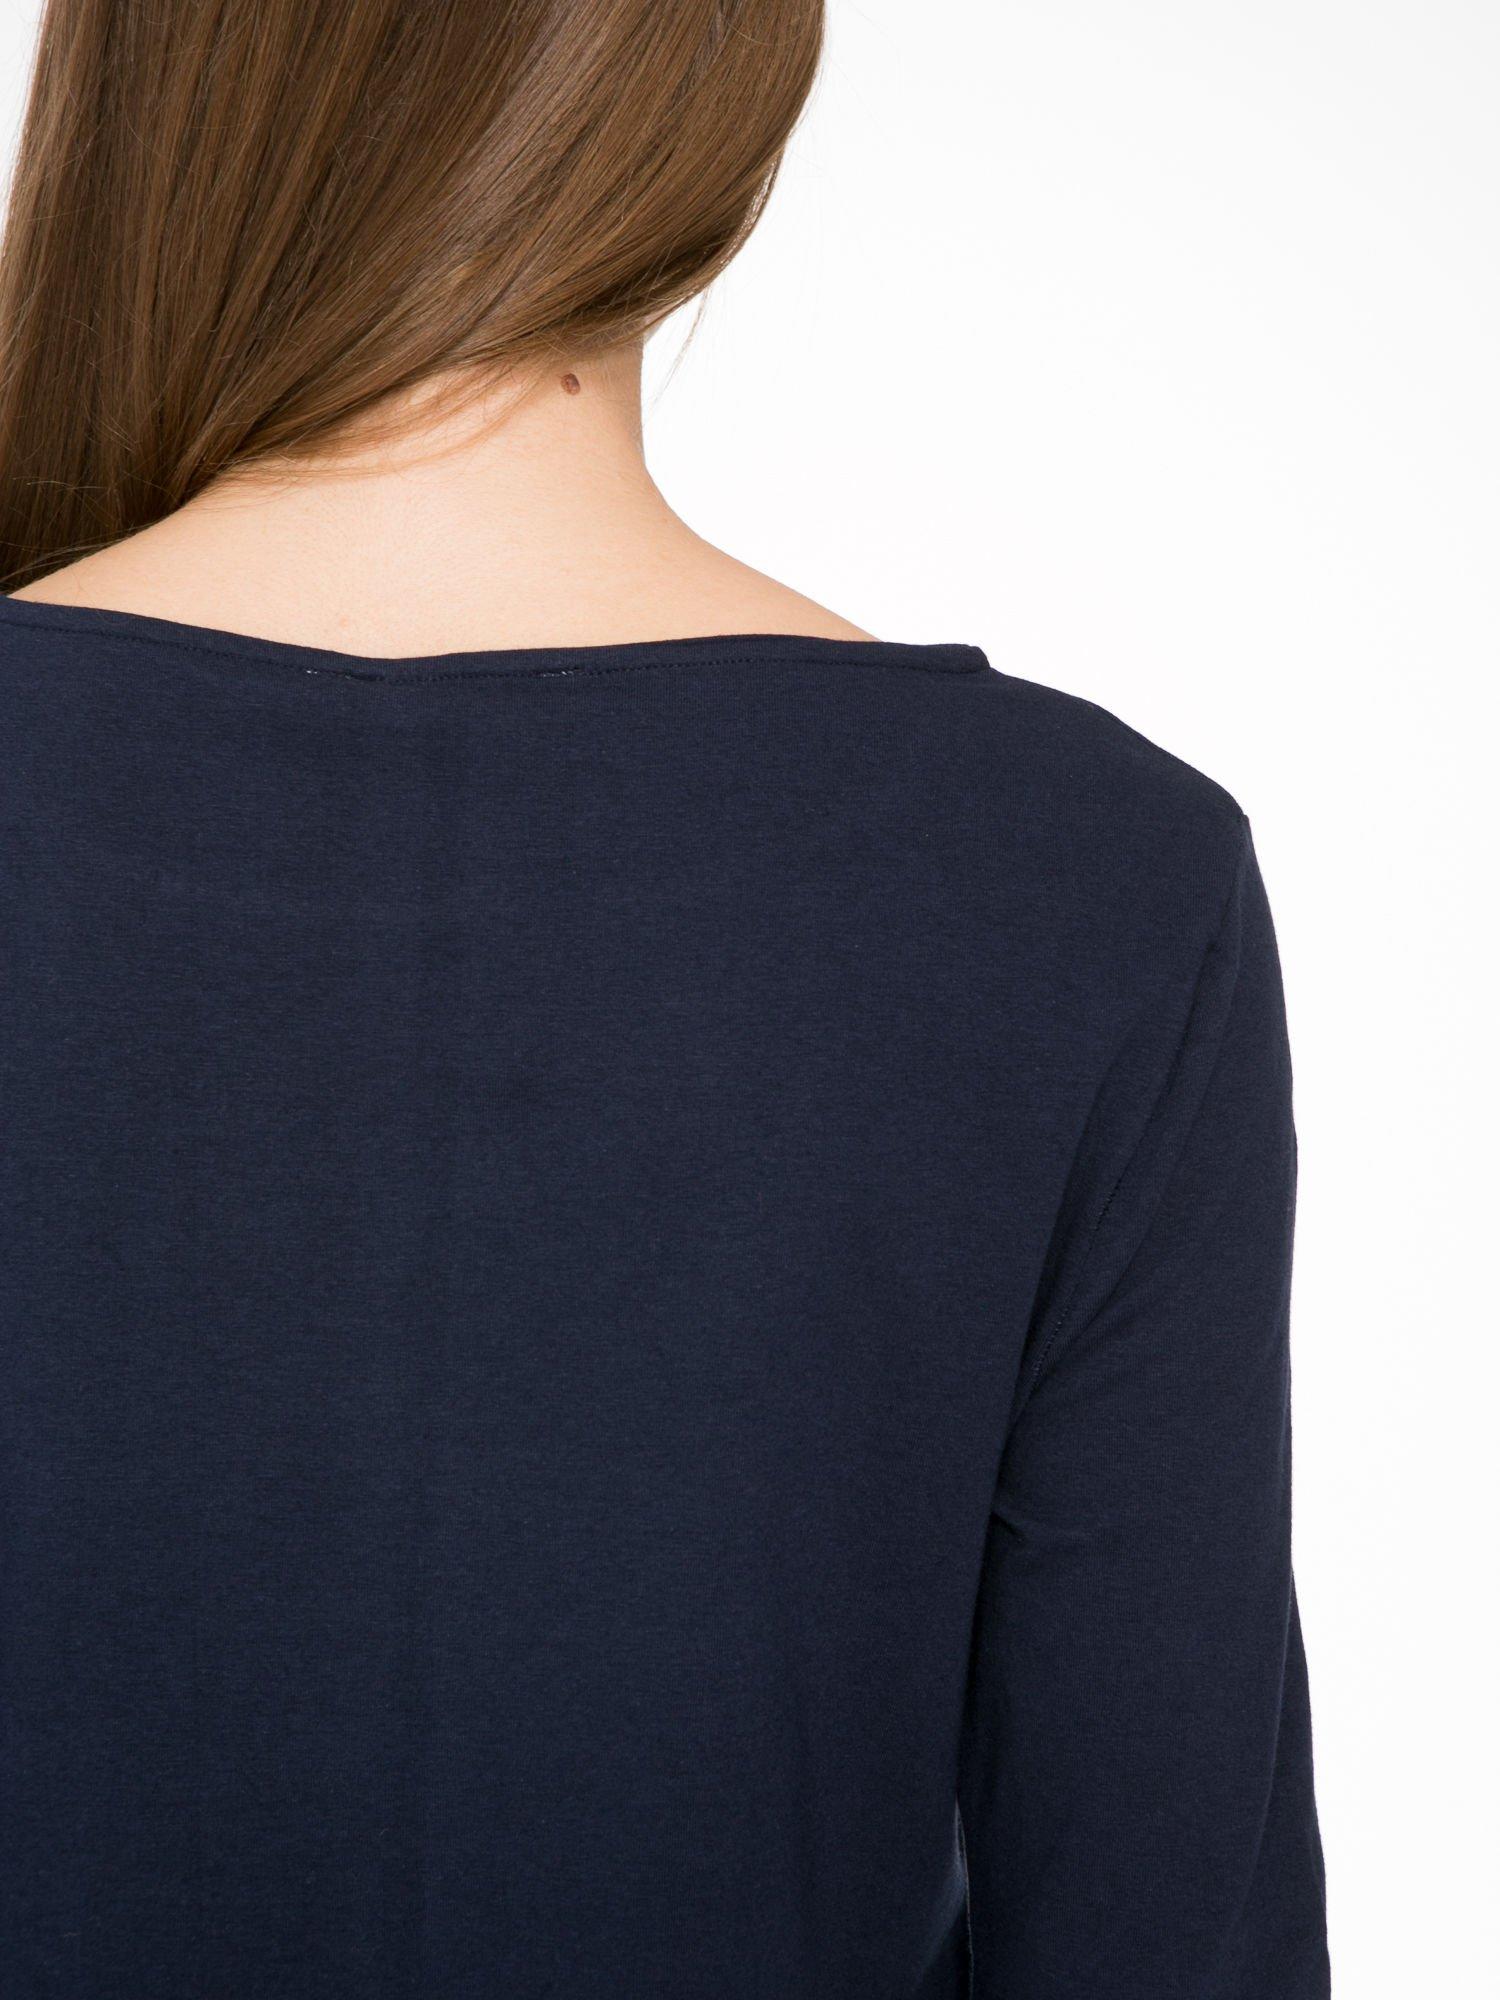 Ciemnogranatowa dresowa sukienka z kieszeniami po bokach                                  zdj.                                  8